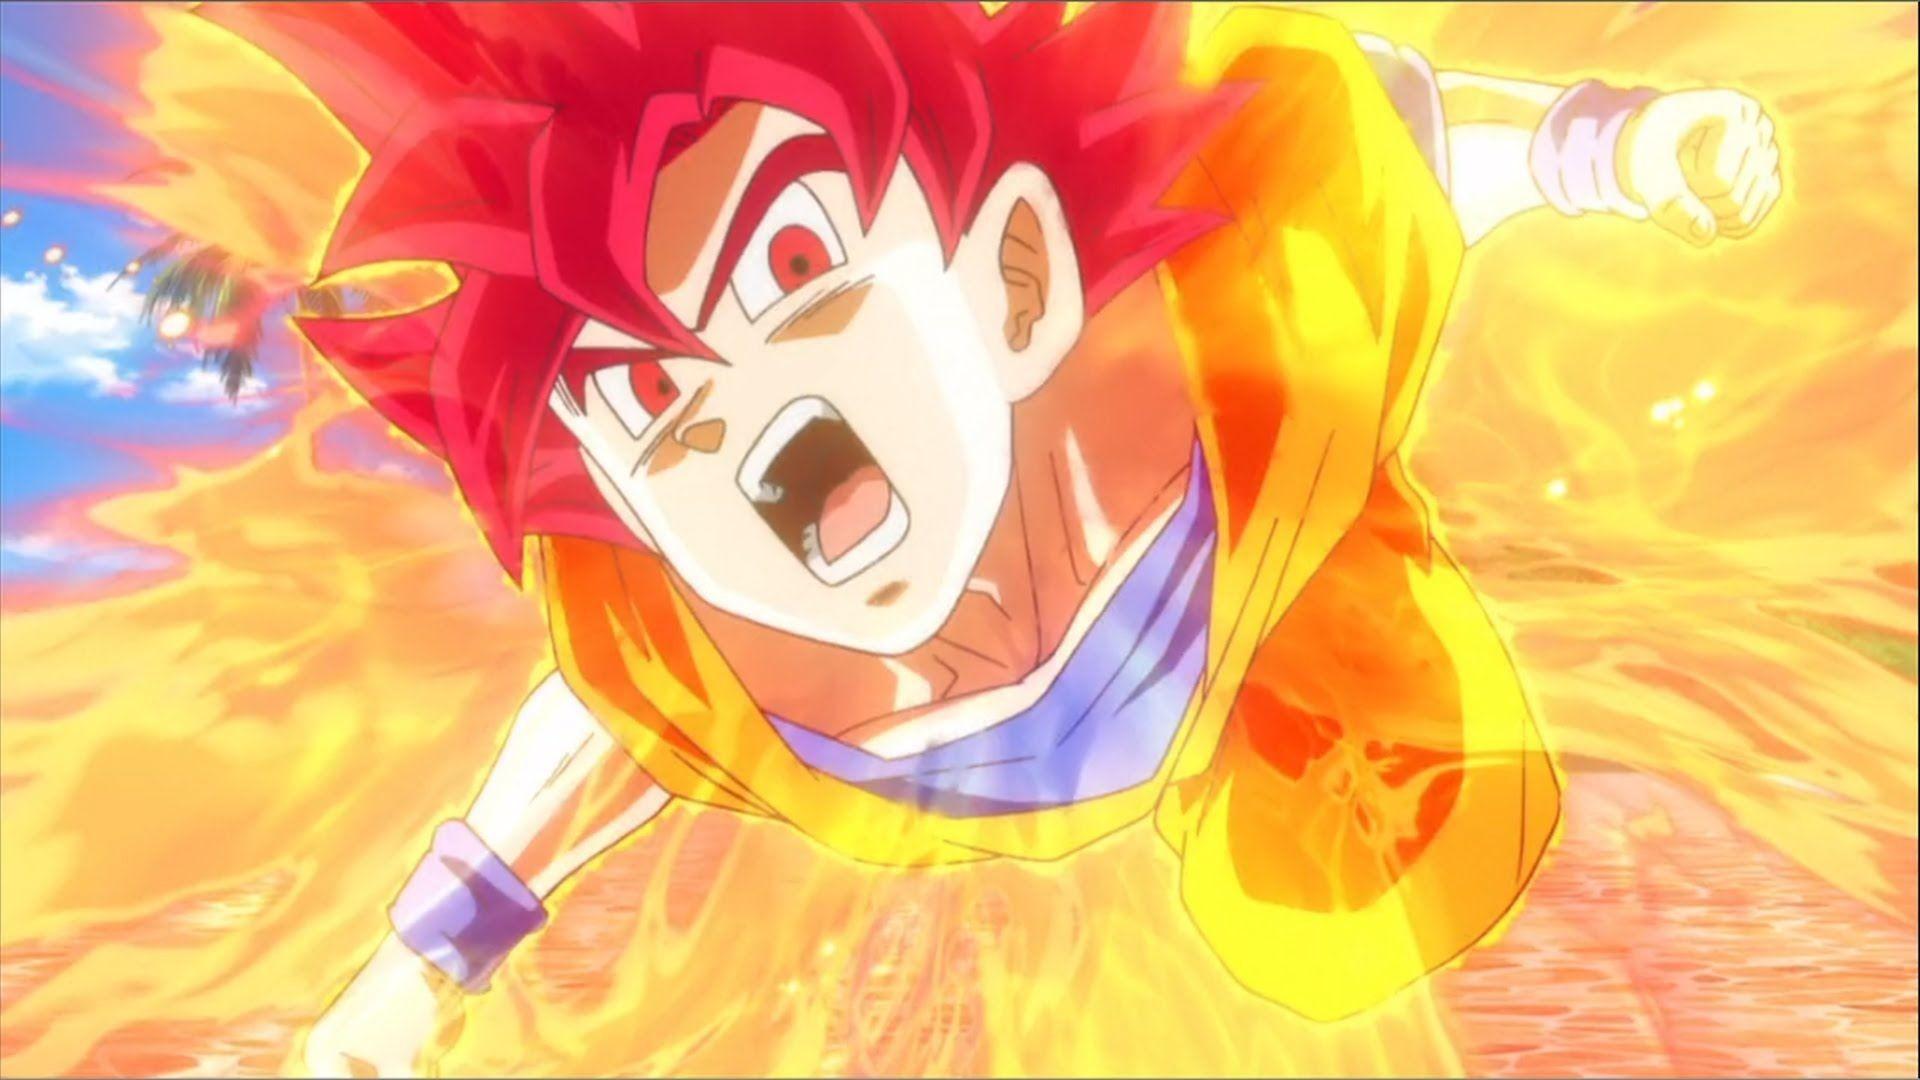 Son Goku Super Saiyan God Wallpaper   Data Src Free - Goku God Wallpaper Hd - HD Wallpaper